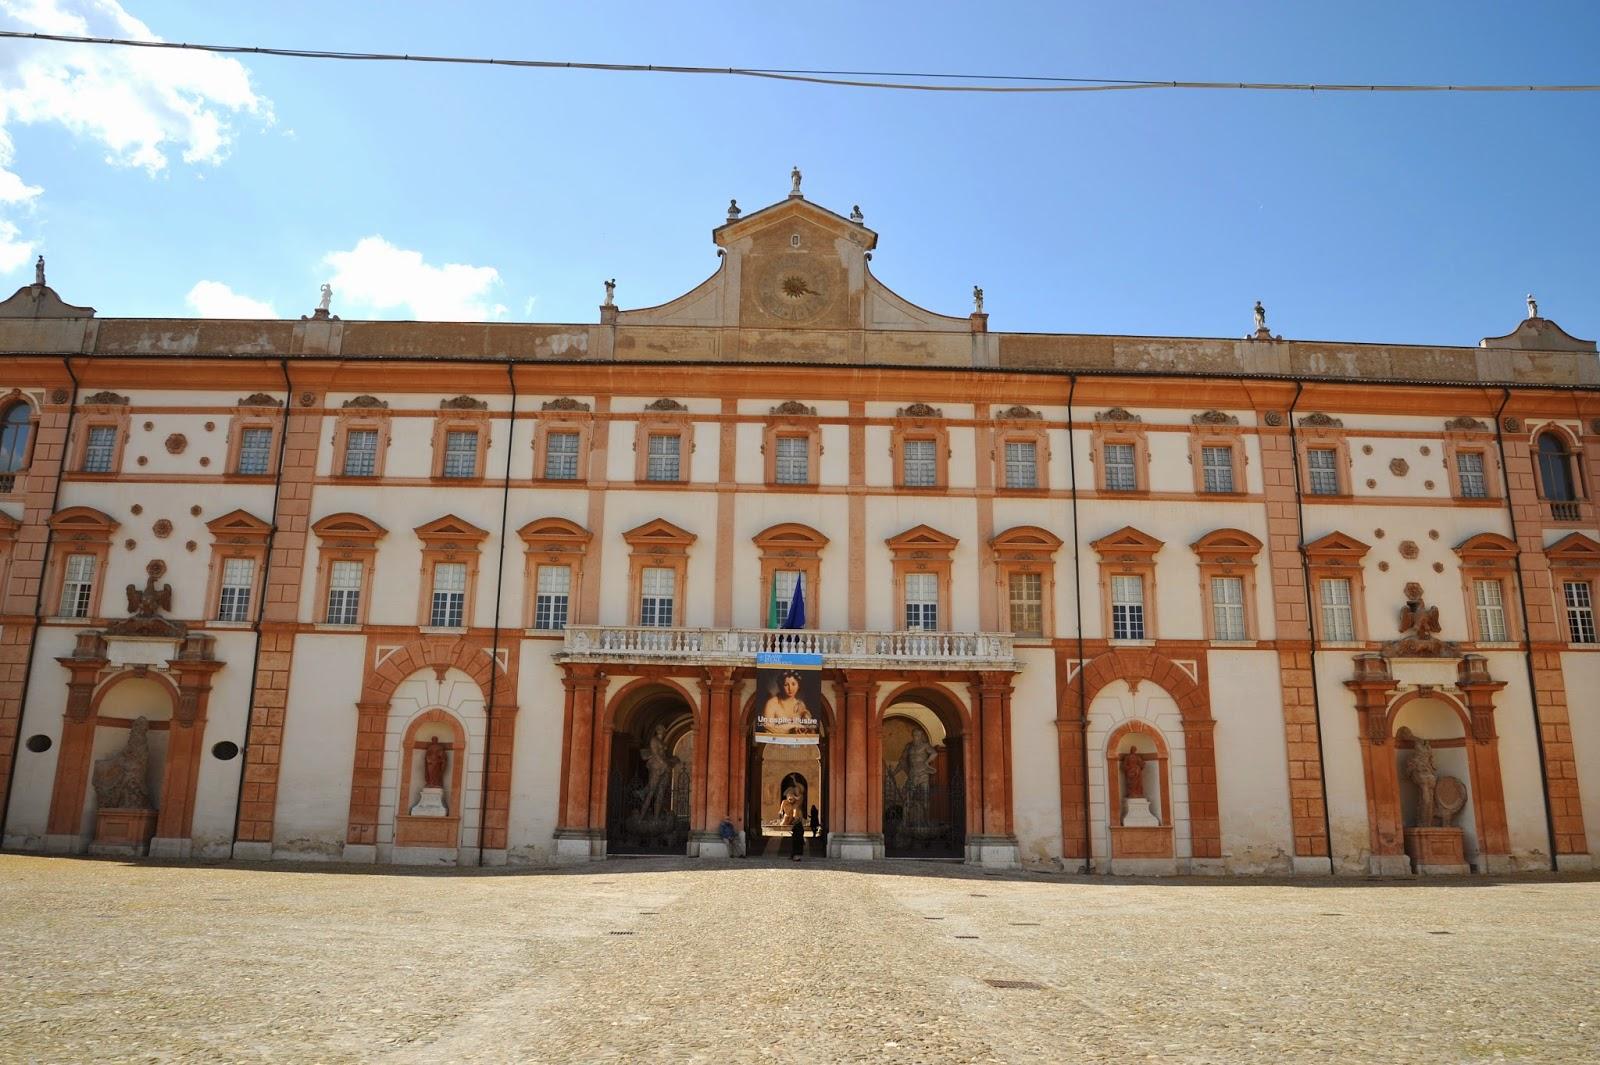 Visita al decoratissimo palazzo ducale di sassuolo - Sassuolo italia ...